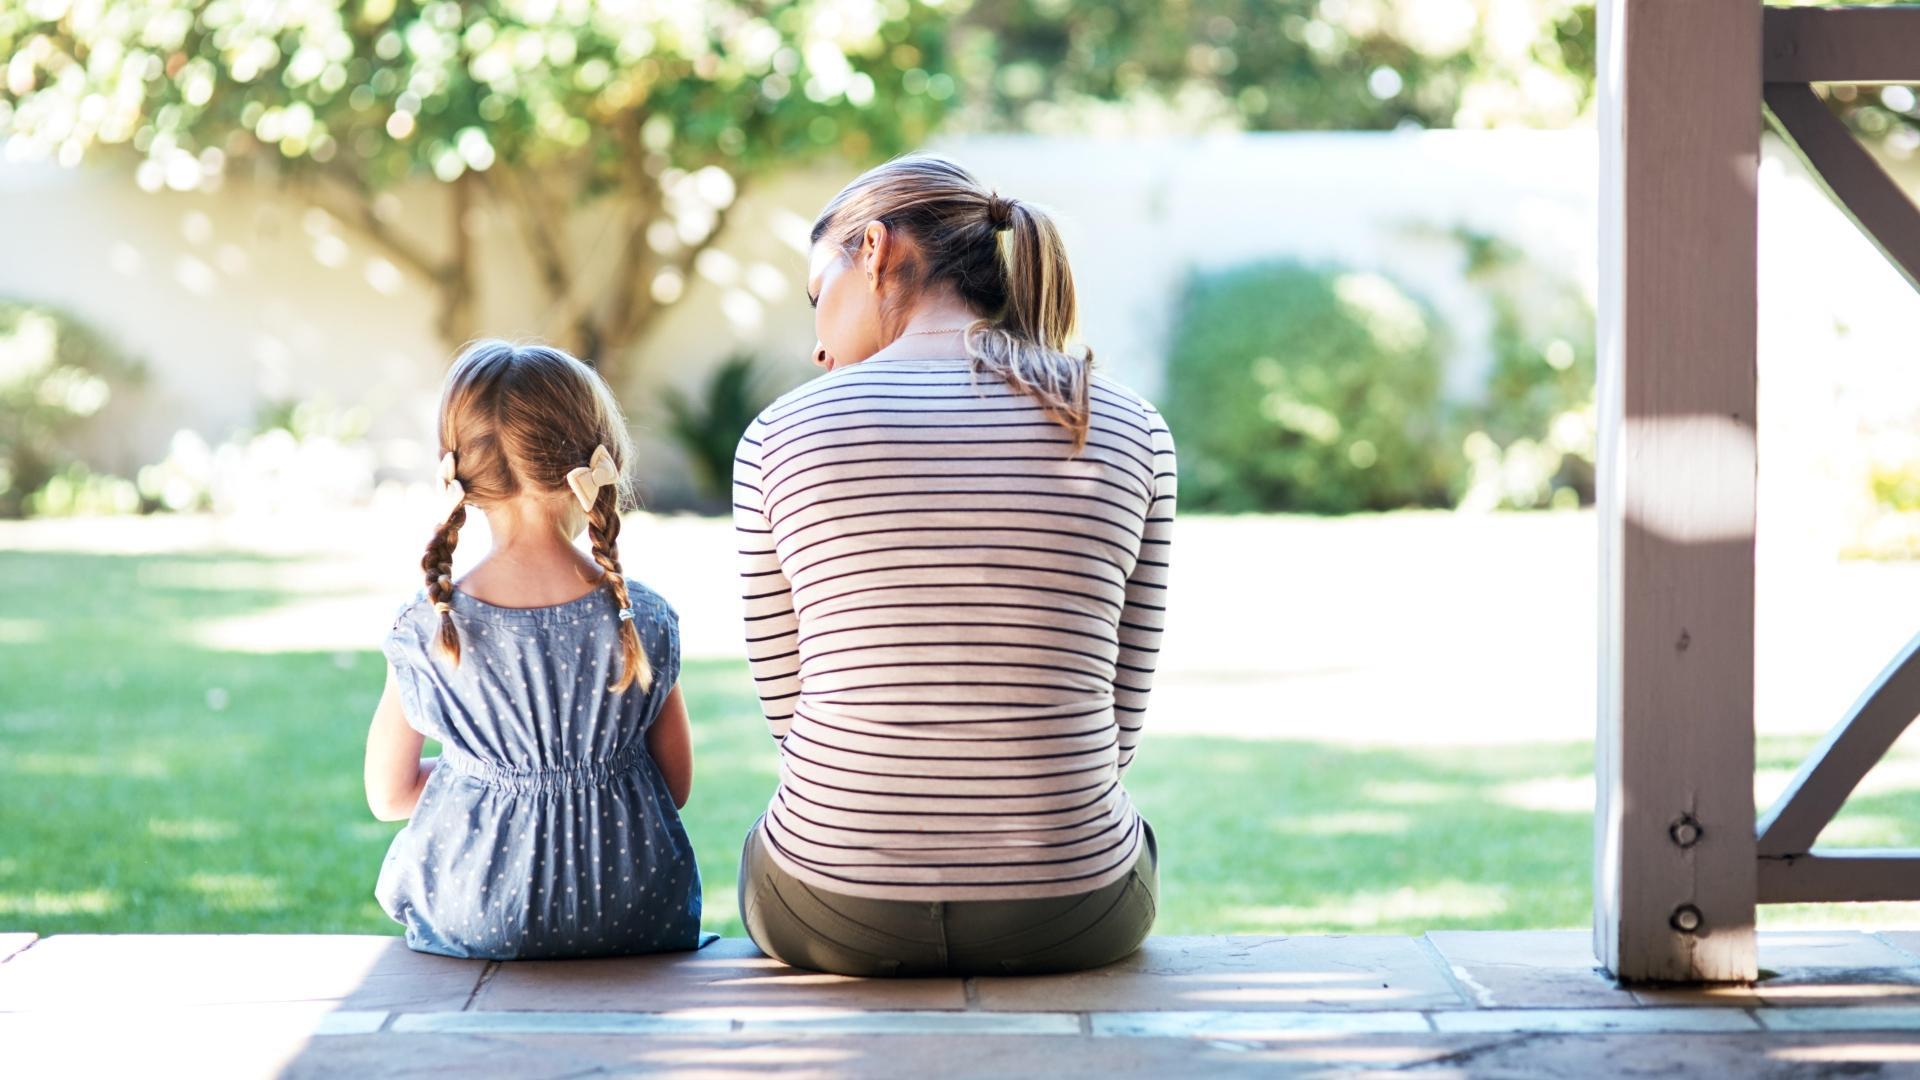 Равный разговор со взрослым меняет формирующийся мозг ребёнка